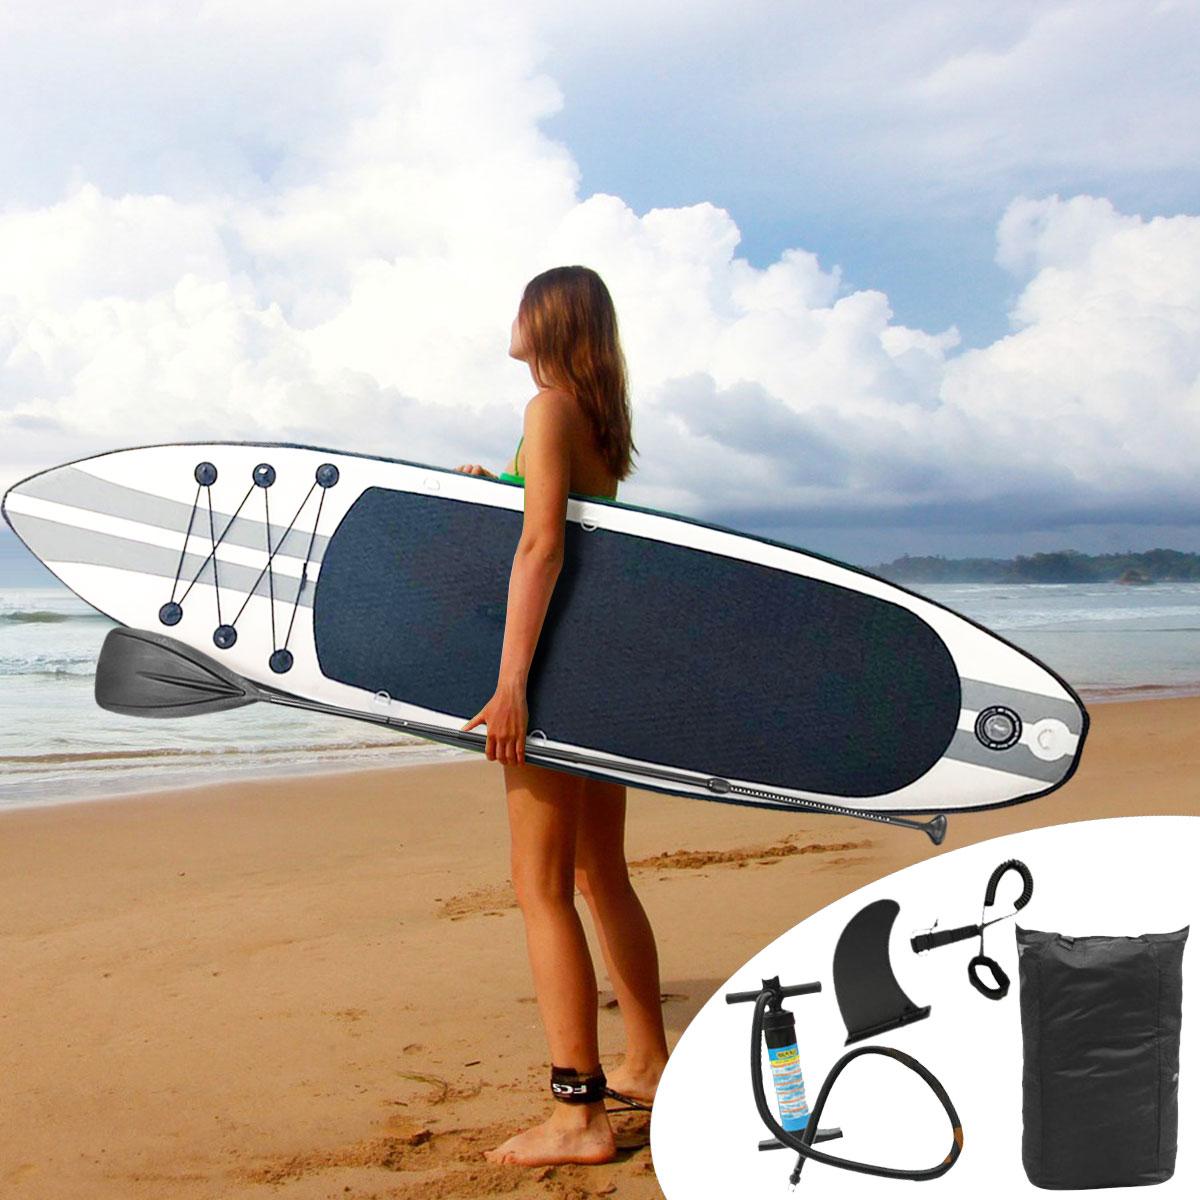 320x78x15 centímetros Placa Sup Inflável Levantar Placa Prancha de Surf Esporte Aquático com Bomba Pá Pé corda de segurança Kit de Ferramentas